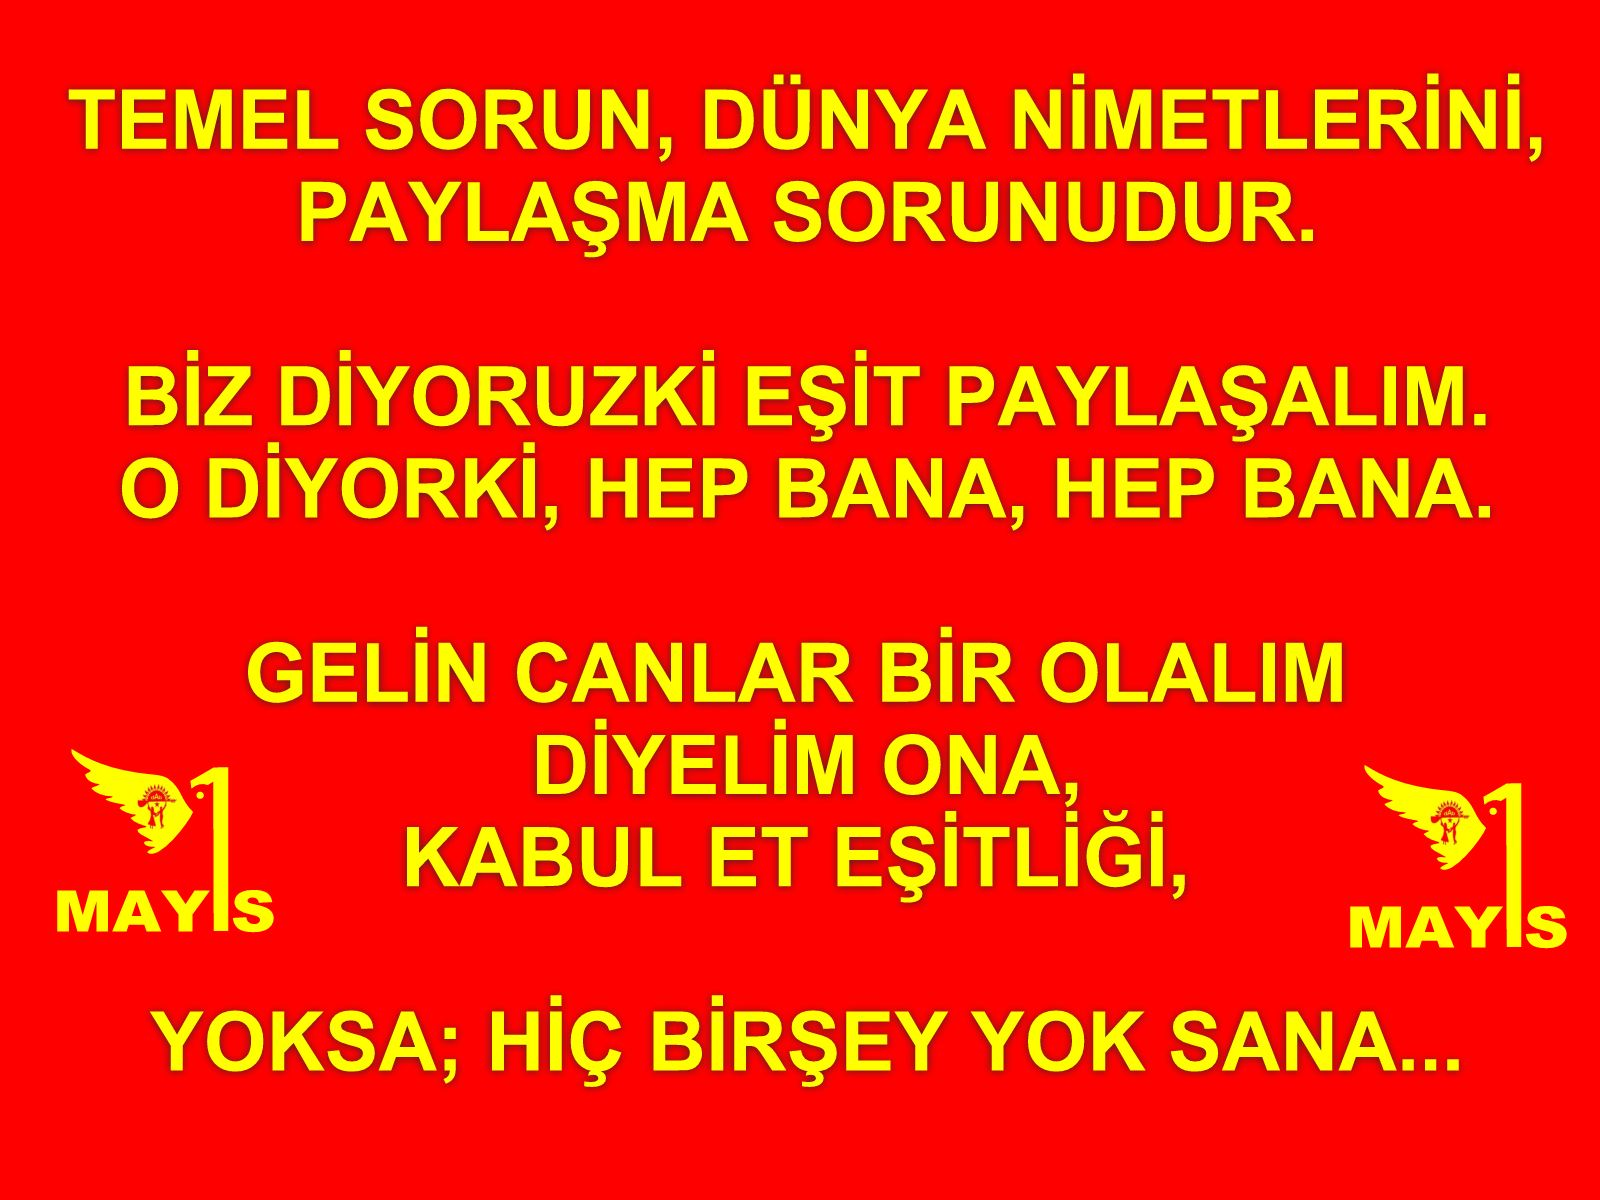 Devrimci Aleviler Birliği DAB Alevi Kızılbaş Bektaşi pir sultan cem hz Ali 12 imam semah Feramuz Şah Acar yok sana